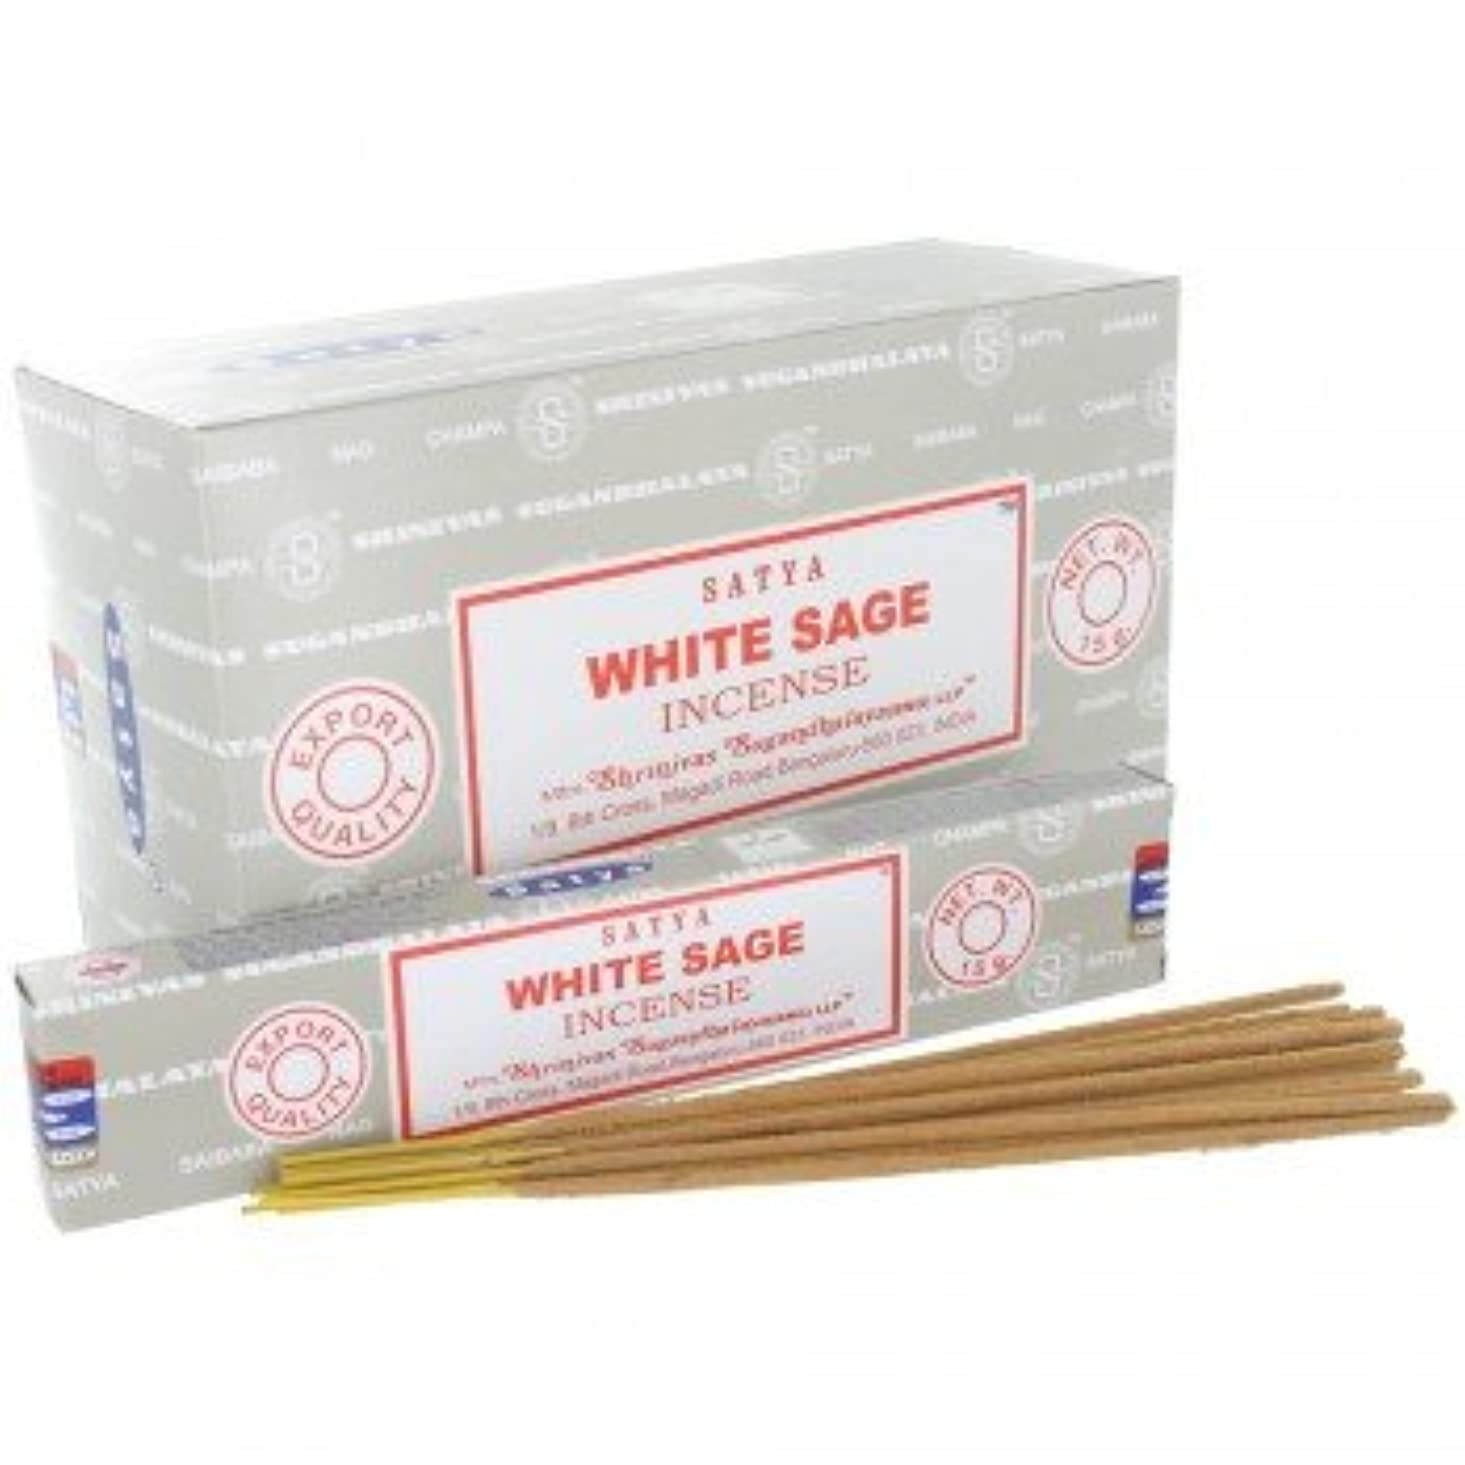 創傷料理をする三SATYA WHITE SAGE ホワイトセージ 聖なる樹 浄化 お香 スティック 約15g入 (1個) [並行輸入品]